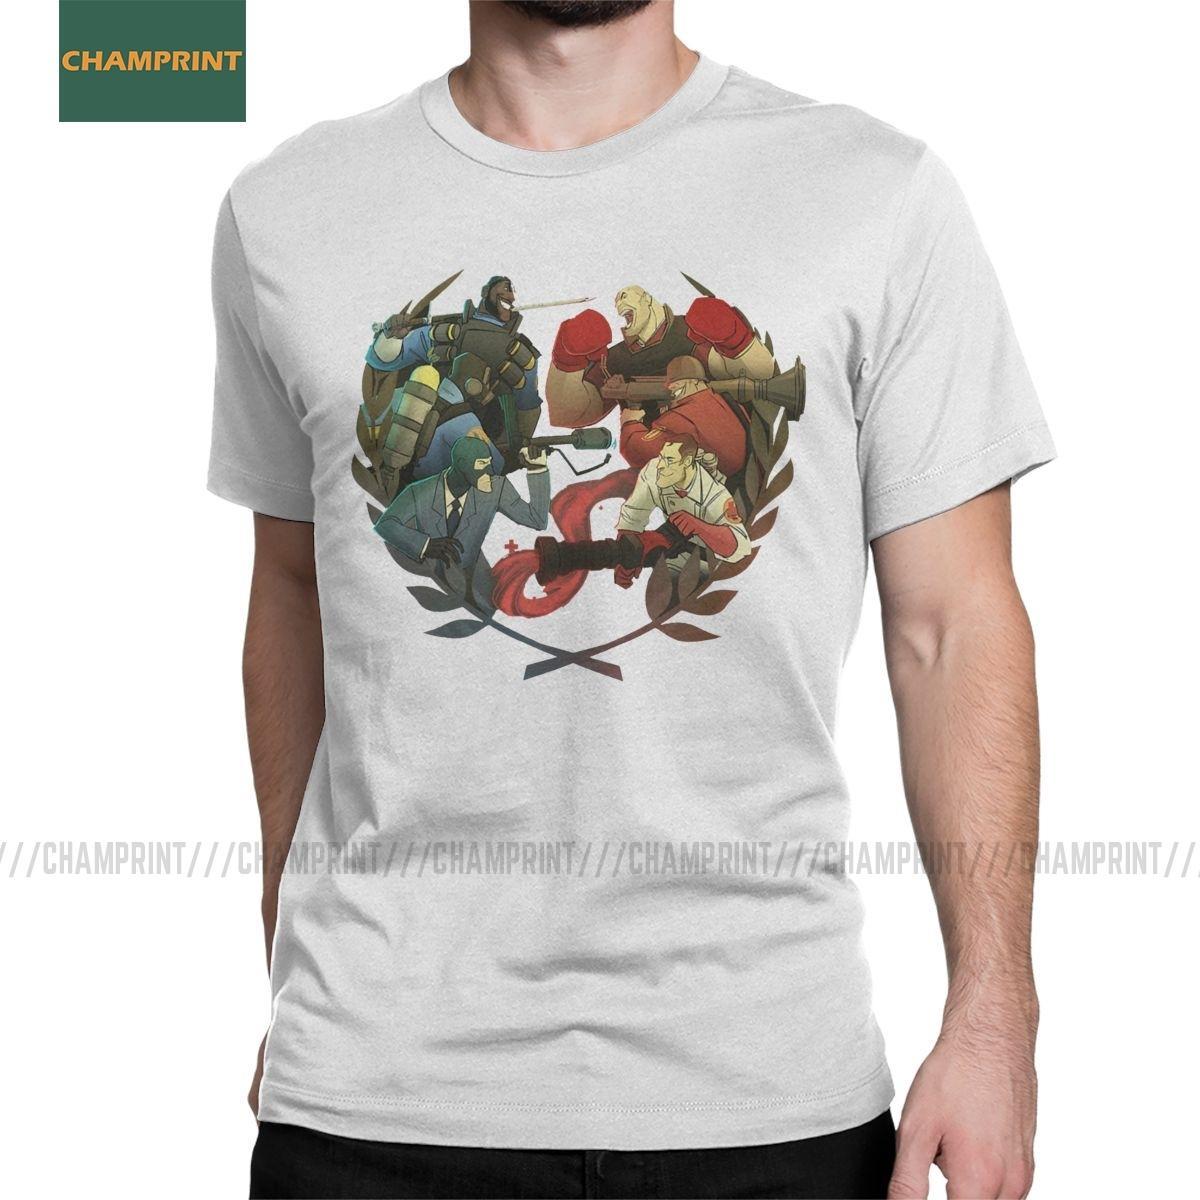 Team Fortress 2 Competitive T-shirts pour hommes TF2 Ingénieur jeu soldat Humour 100% coton T-shirt à manches courtes T-shirts graphiques